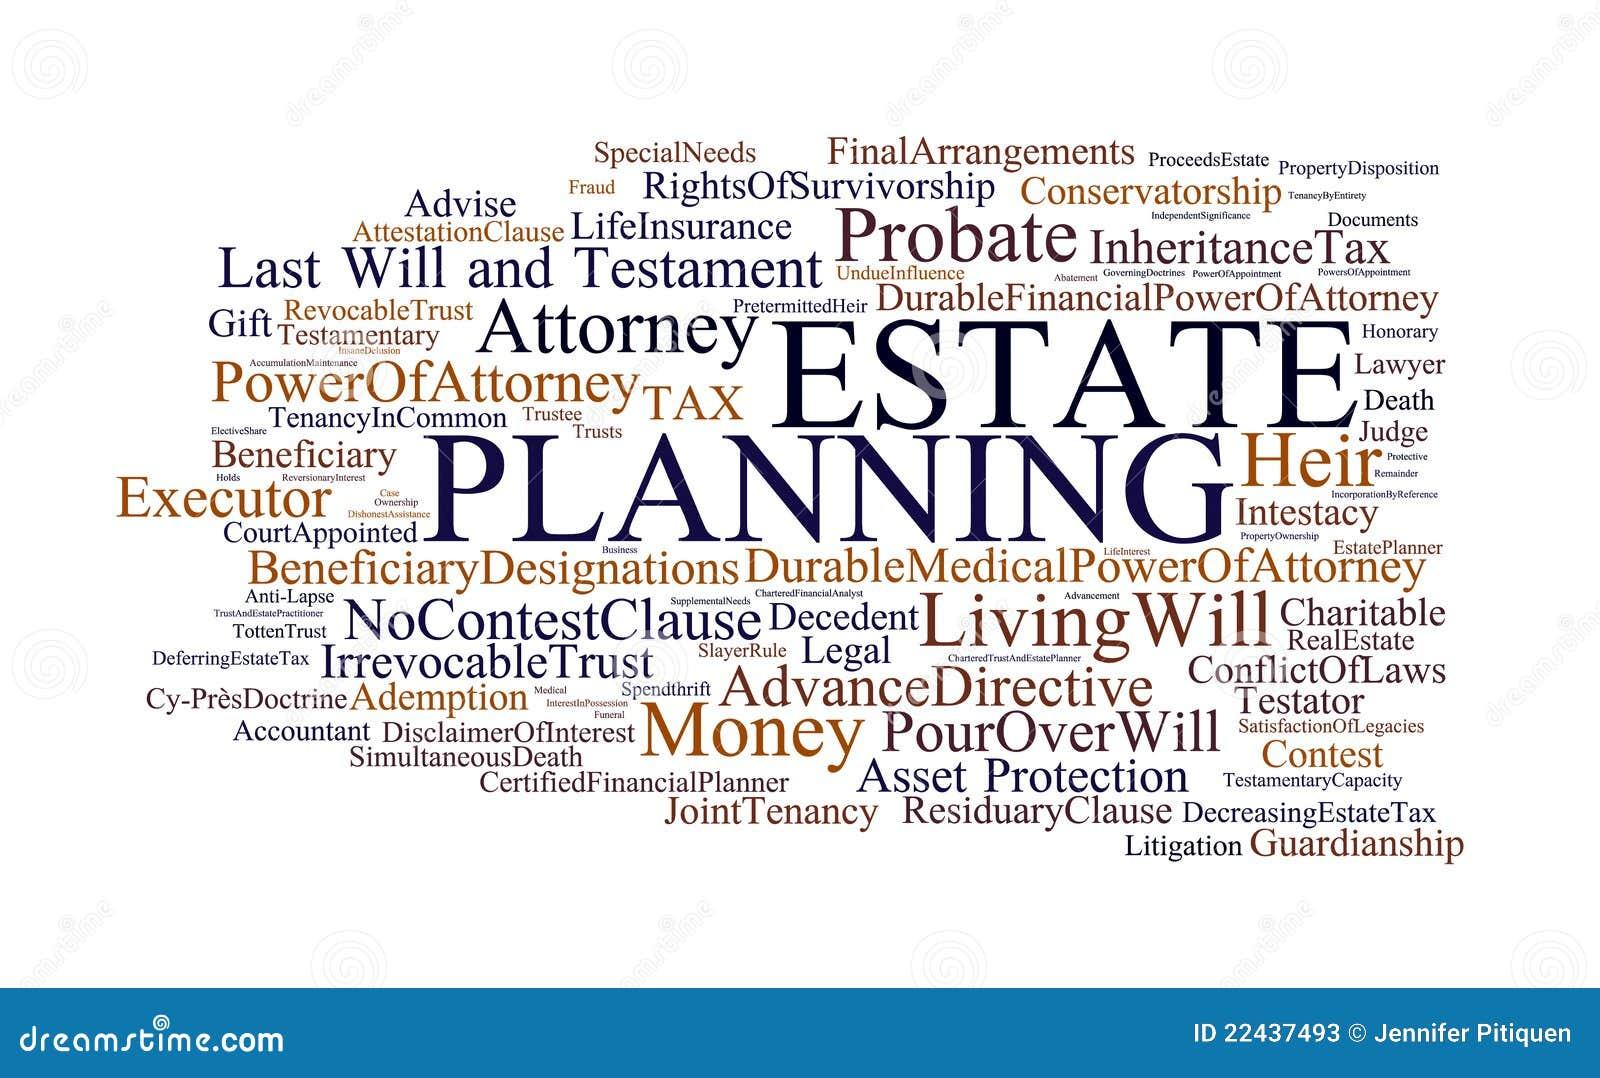 De Planning van het landgoed